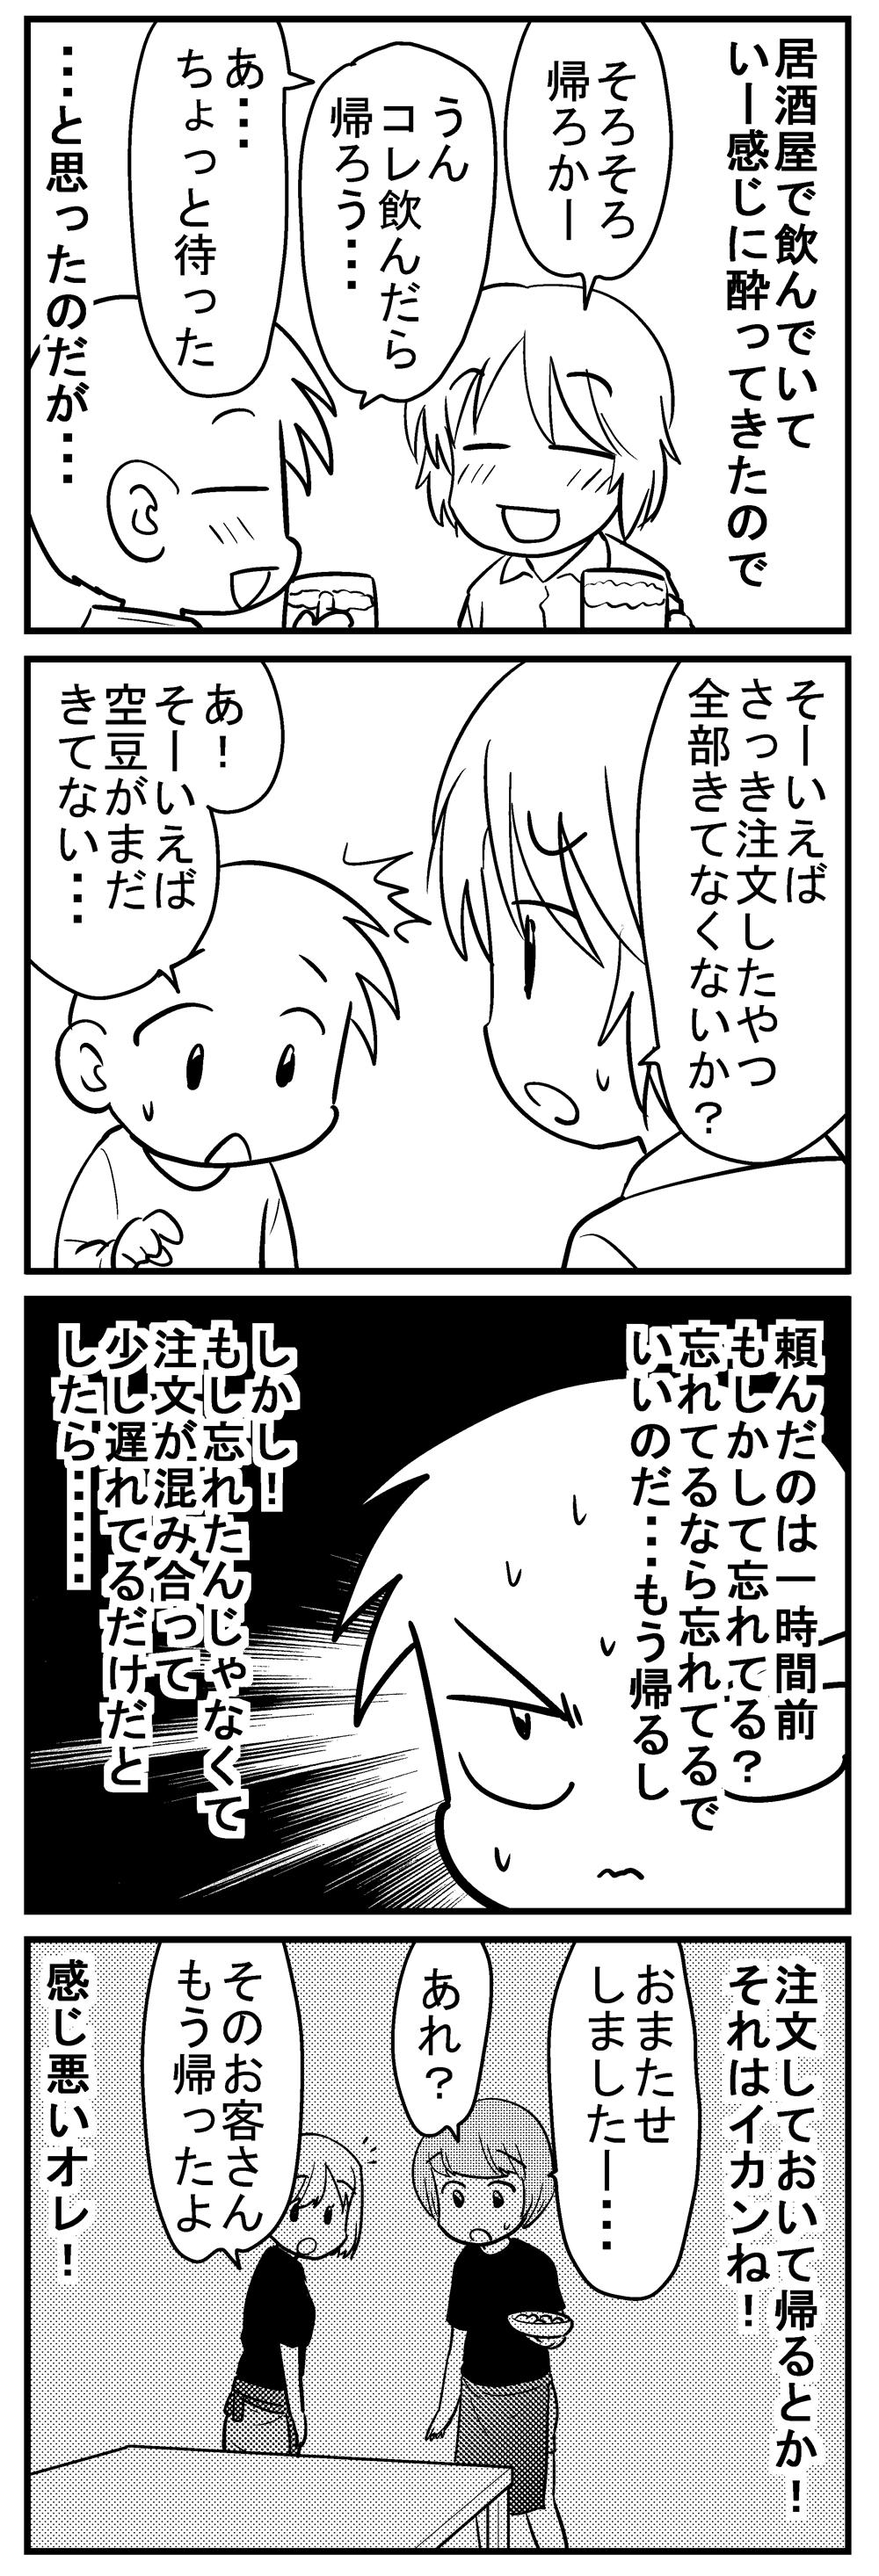 深読みくん139-1